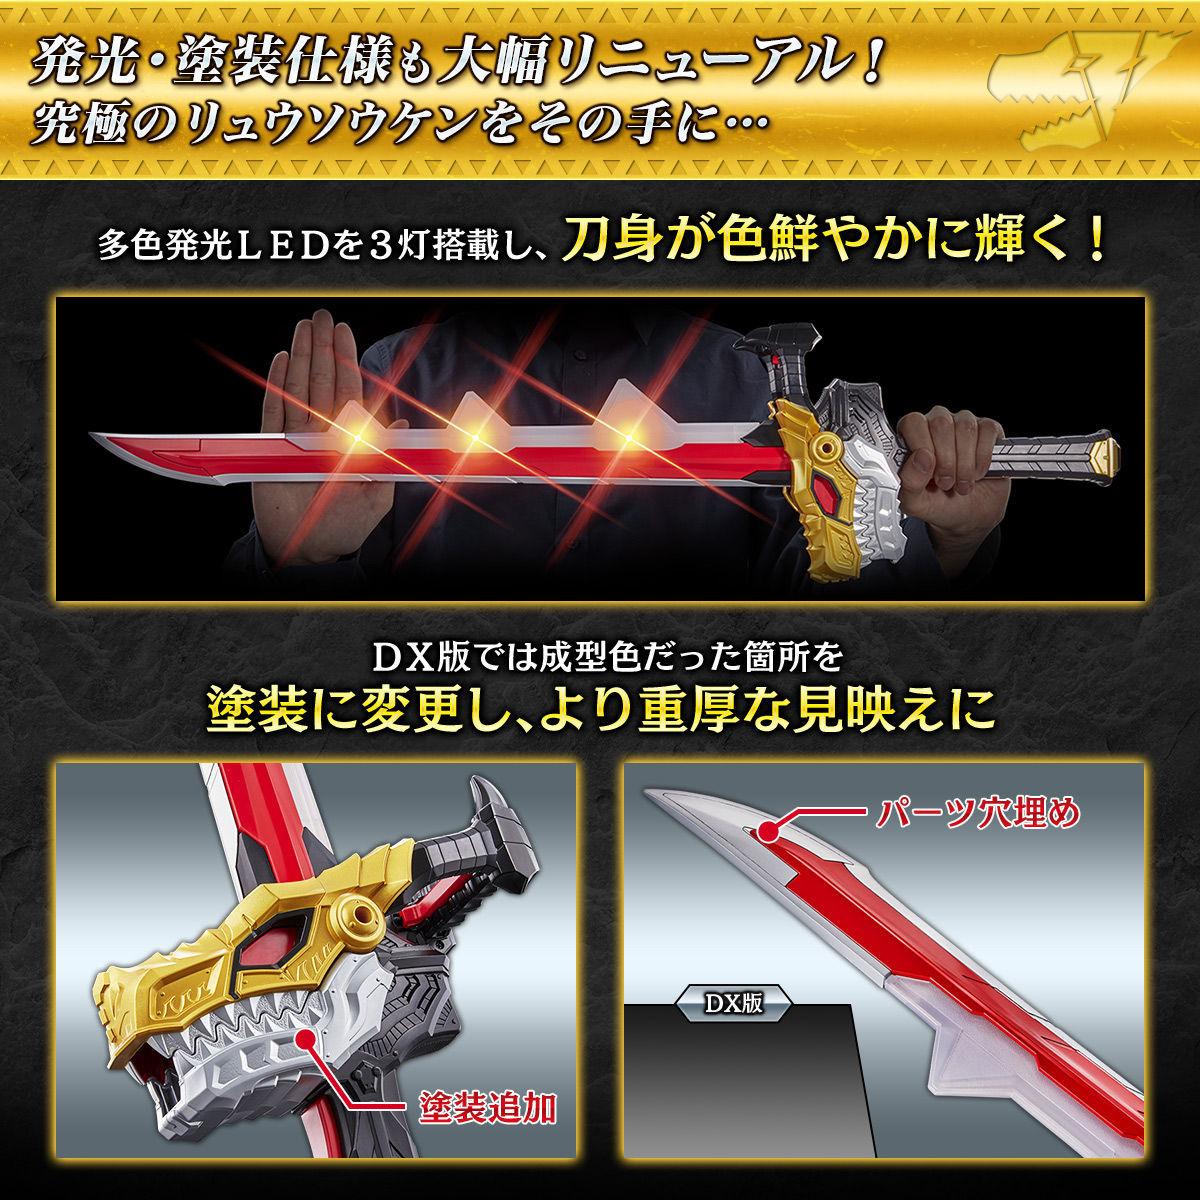 騎士竜戦隊リュウソウジャー『リュウソウケン -MEMORIAL EDITION-』変身なりきり-004